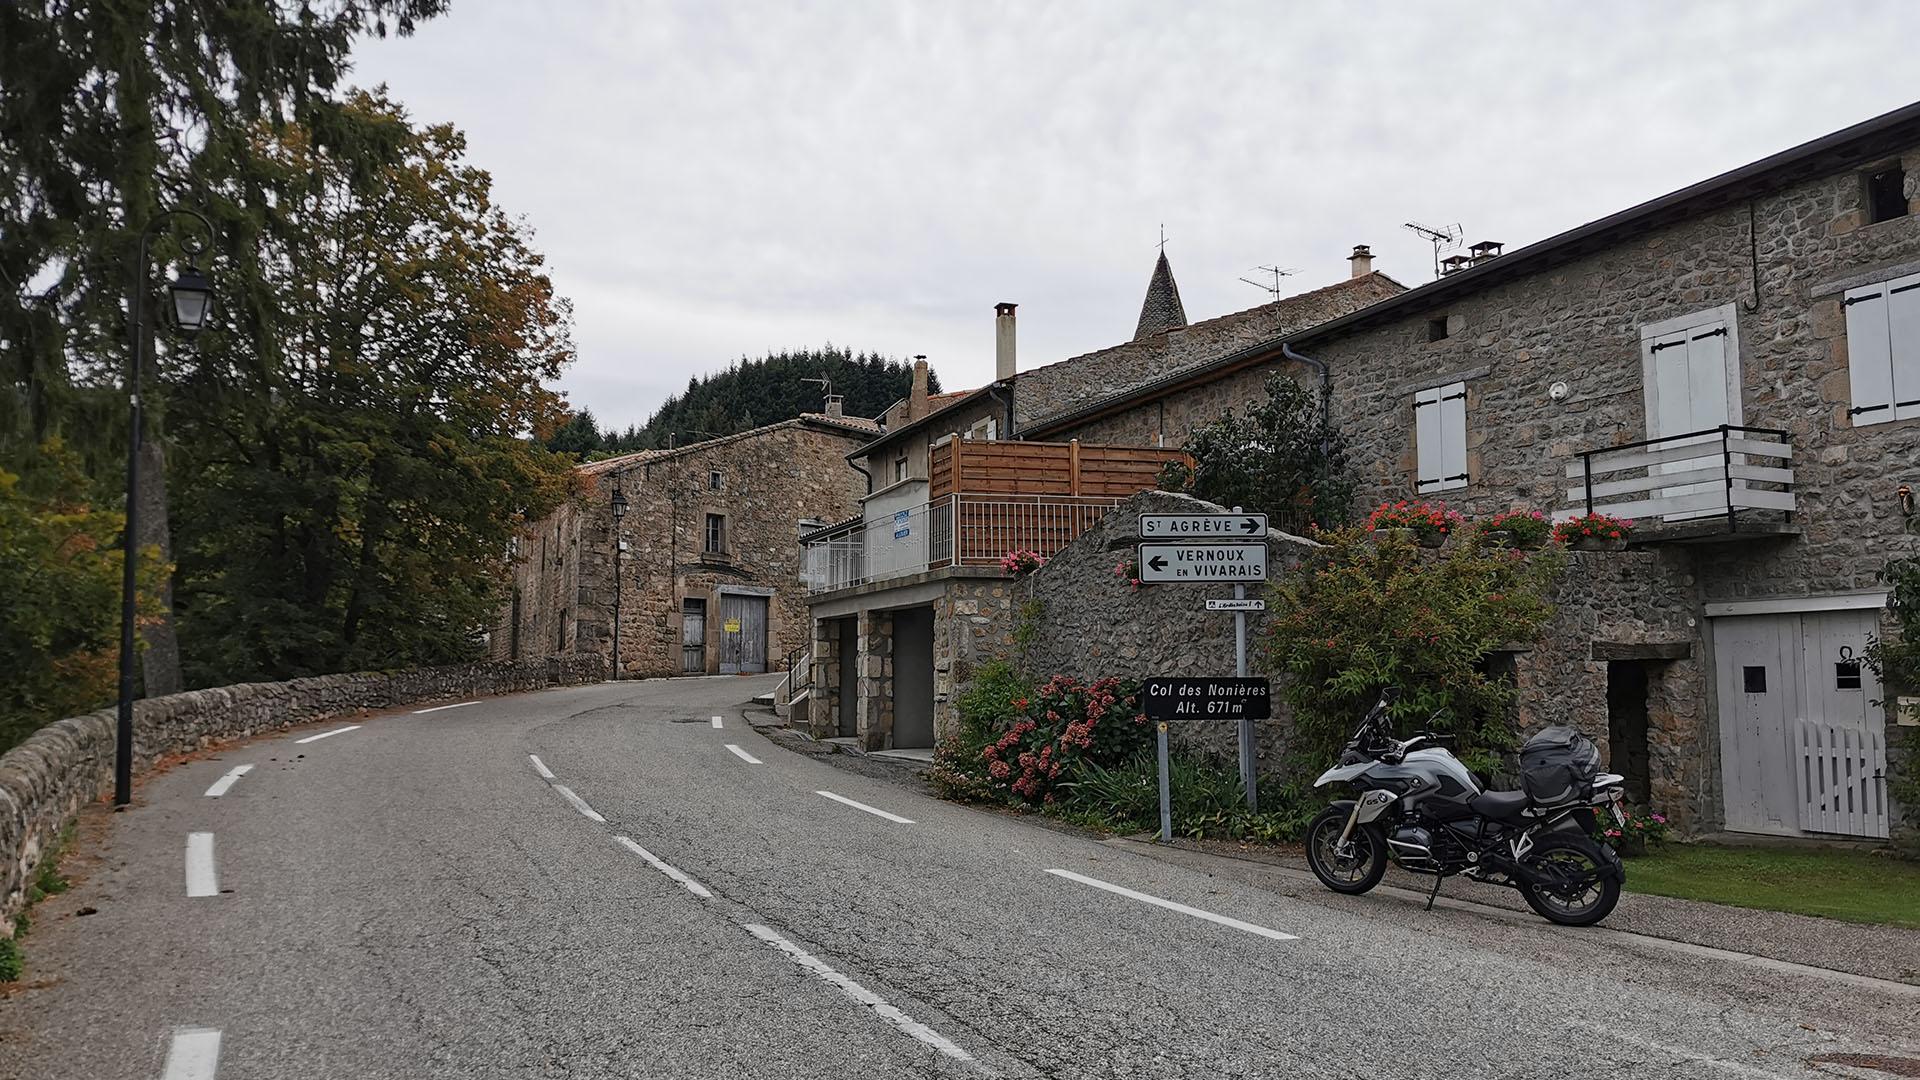 0671 - F - Col des Nonières